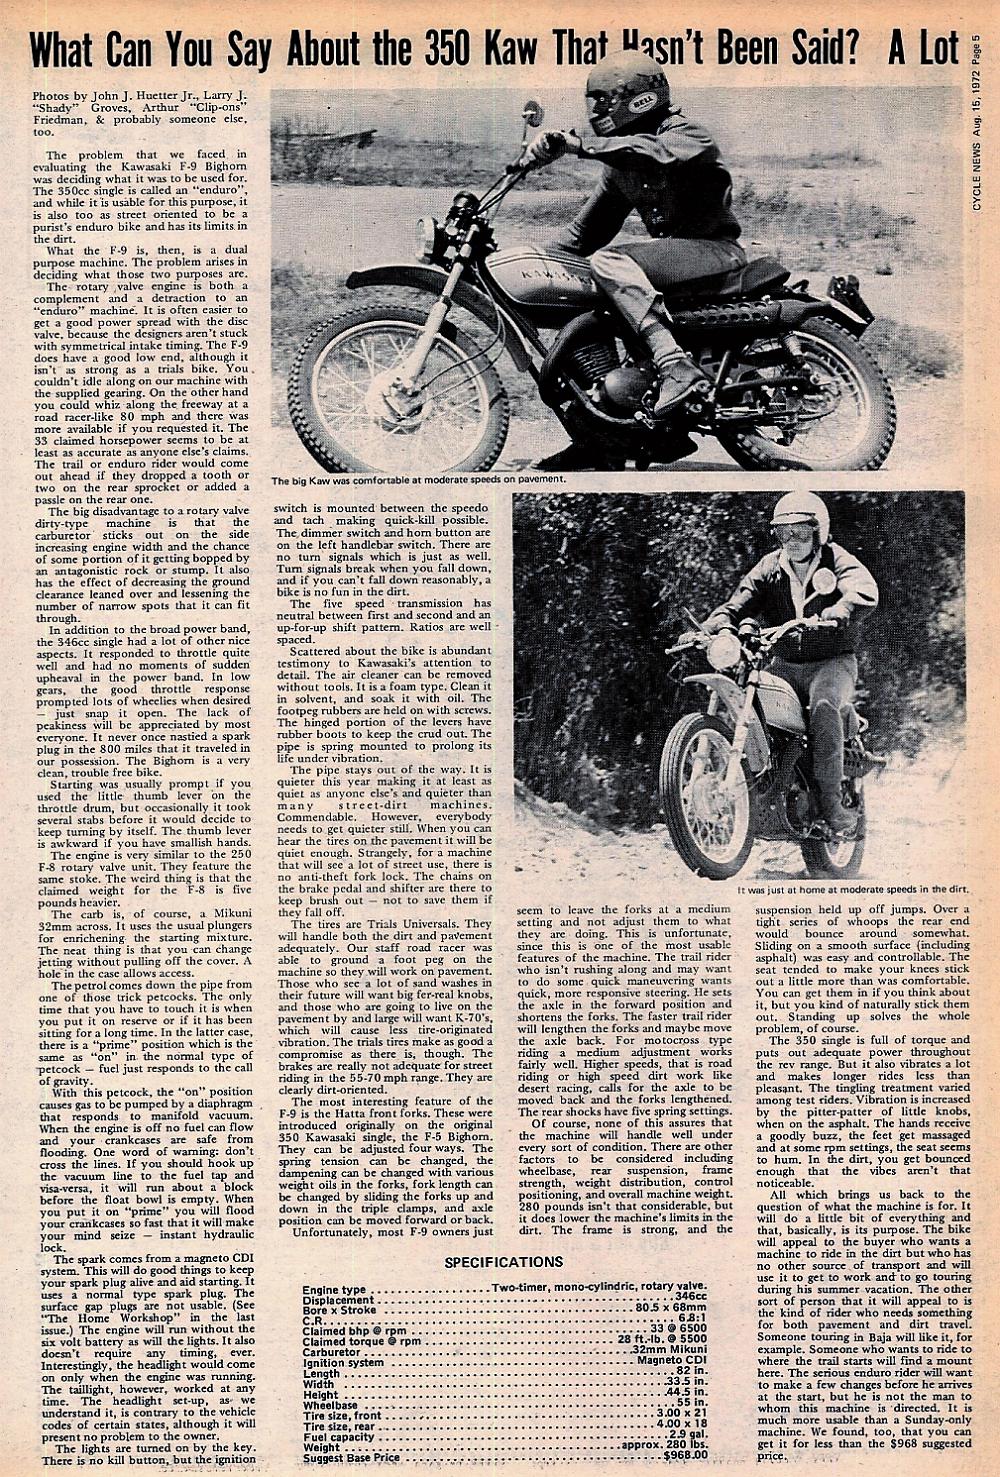 1972 Kawasaki Bighorn road test.jpg